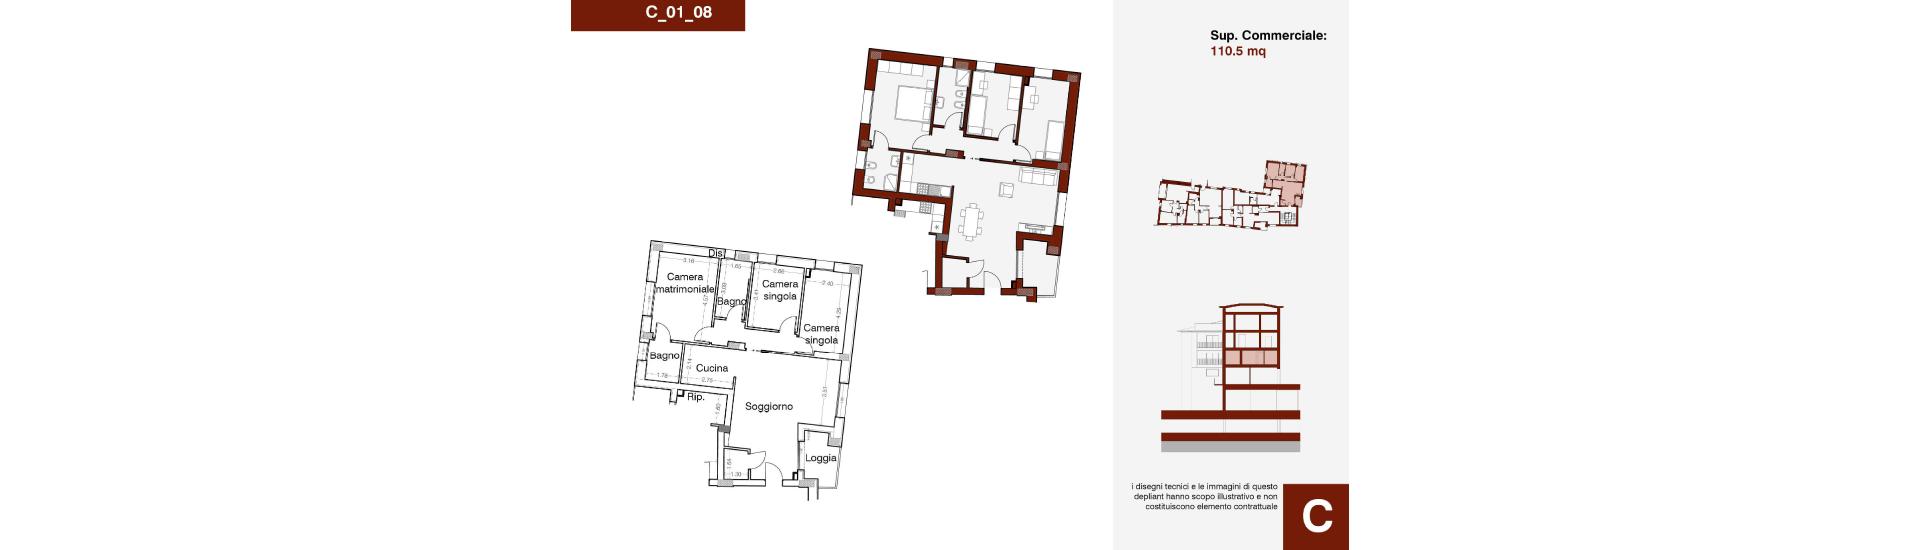 Edificio C, C_01_08, immagine completa